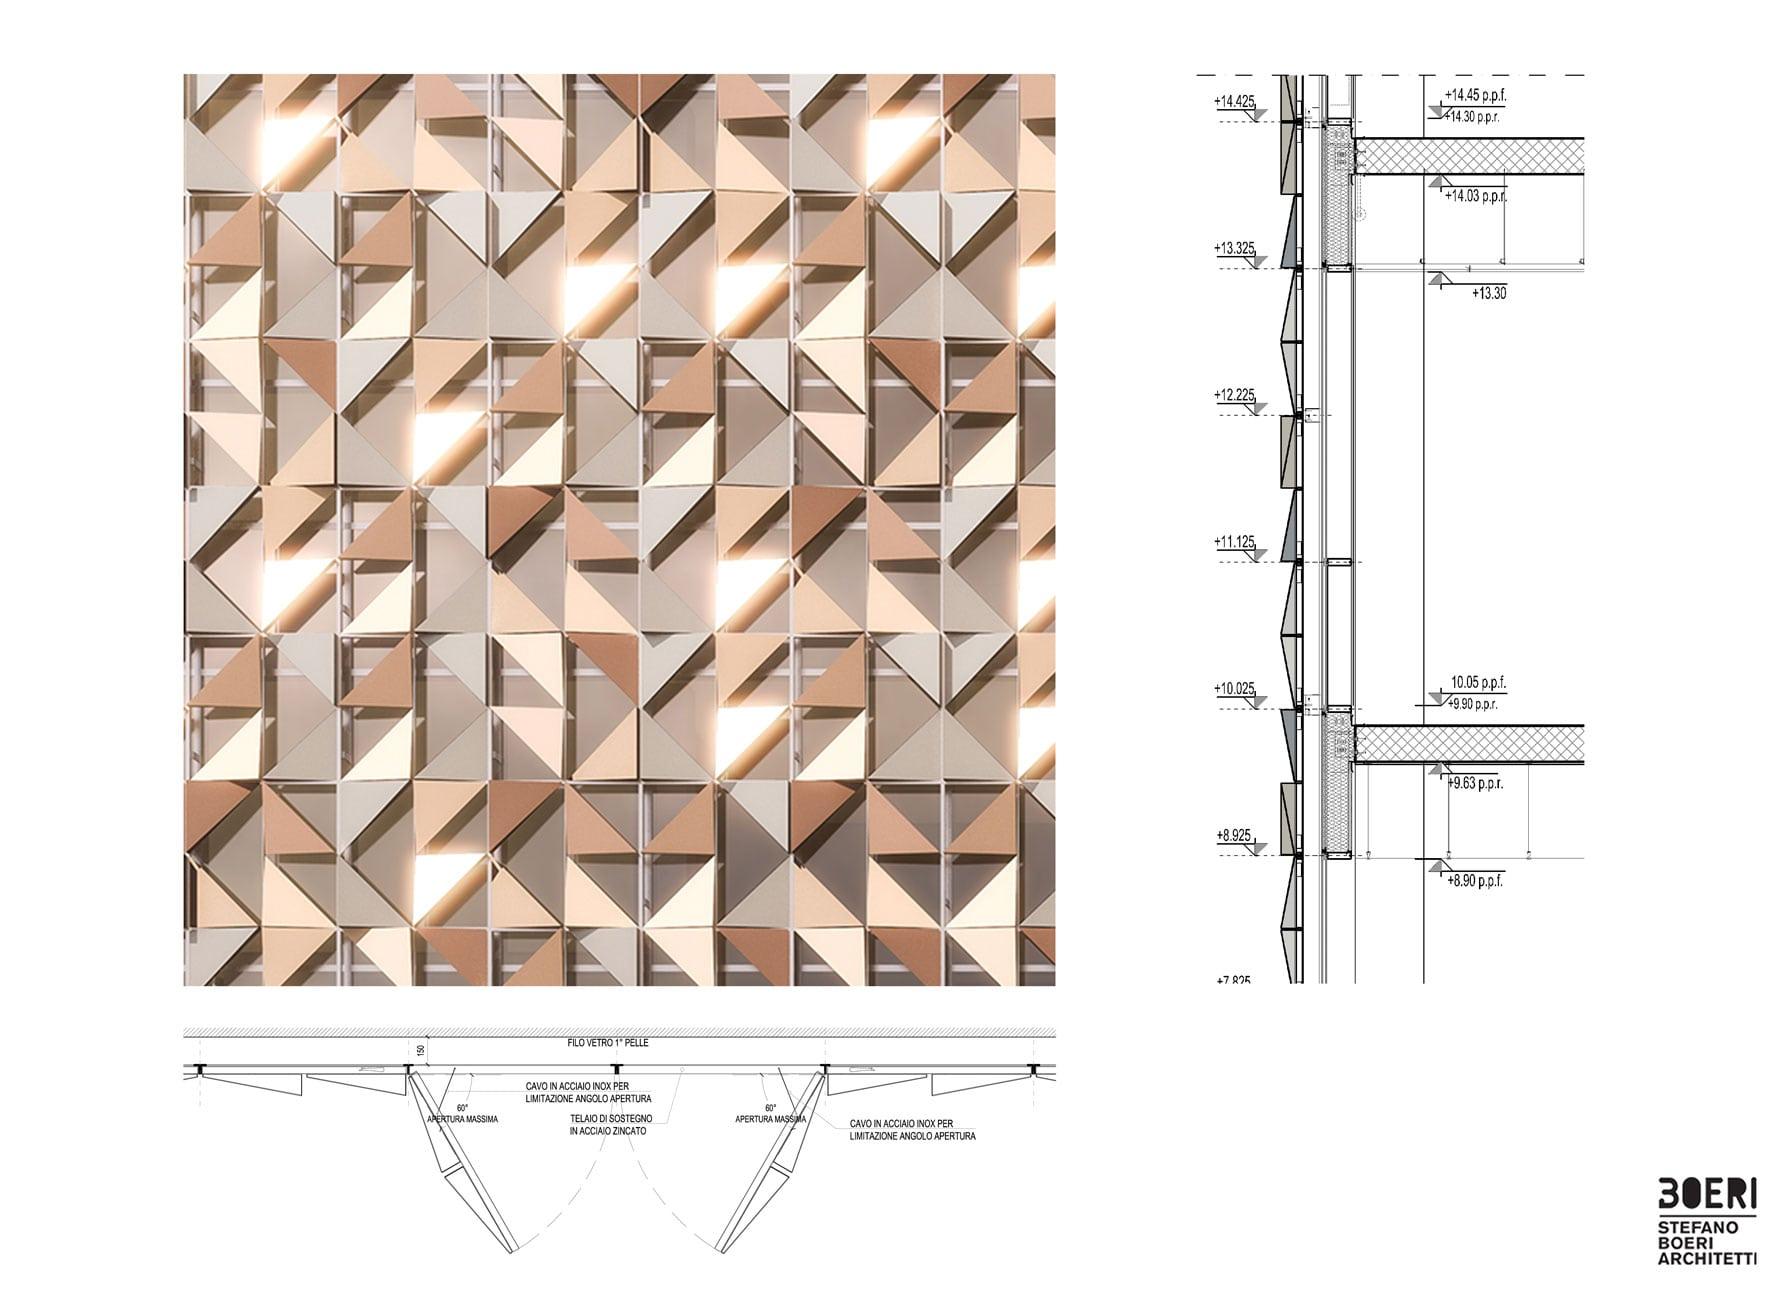 blloku cube | Stefano Boeri Architetti